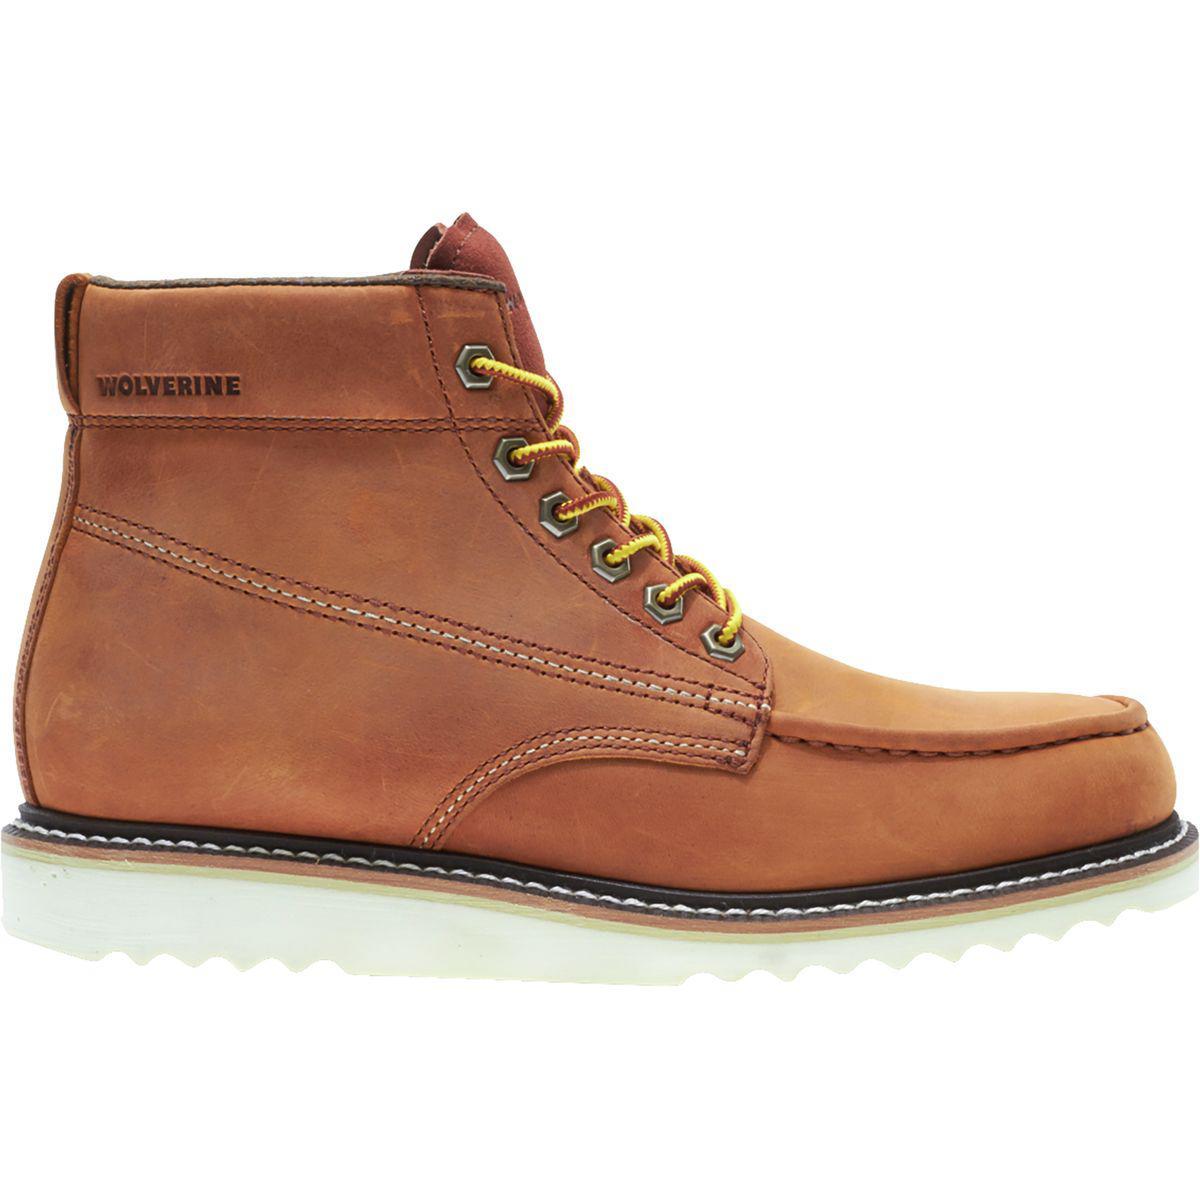 544e198b345 Wolverine Brown Ranger Moc Toe Boot for men